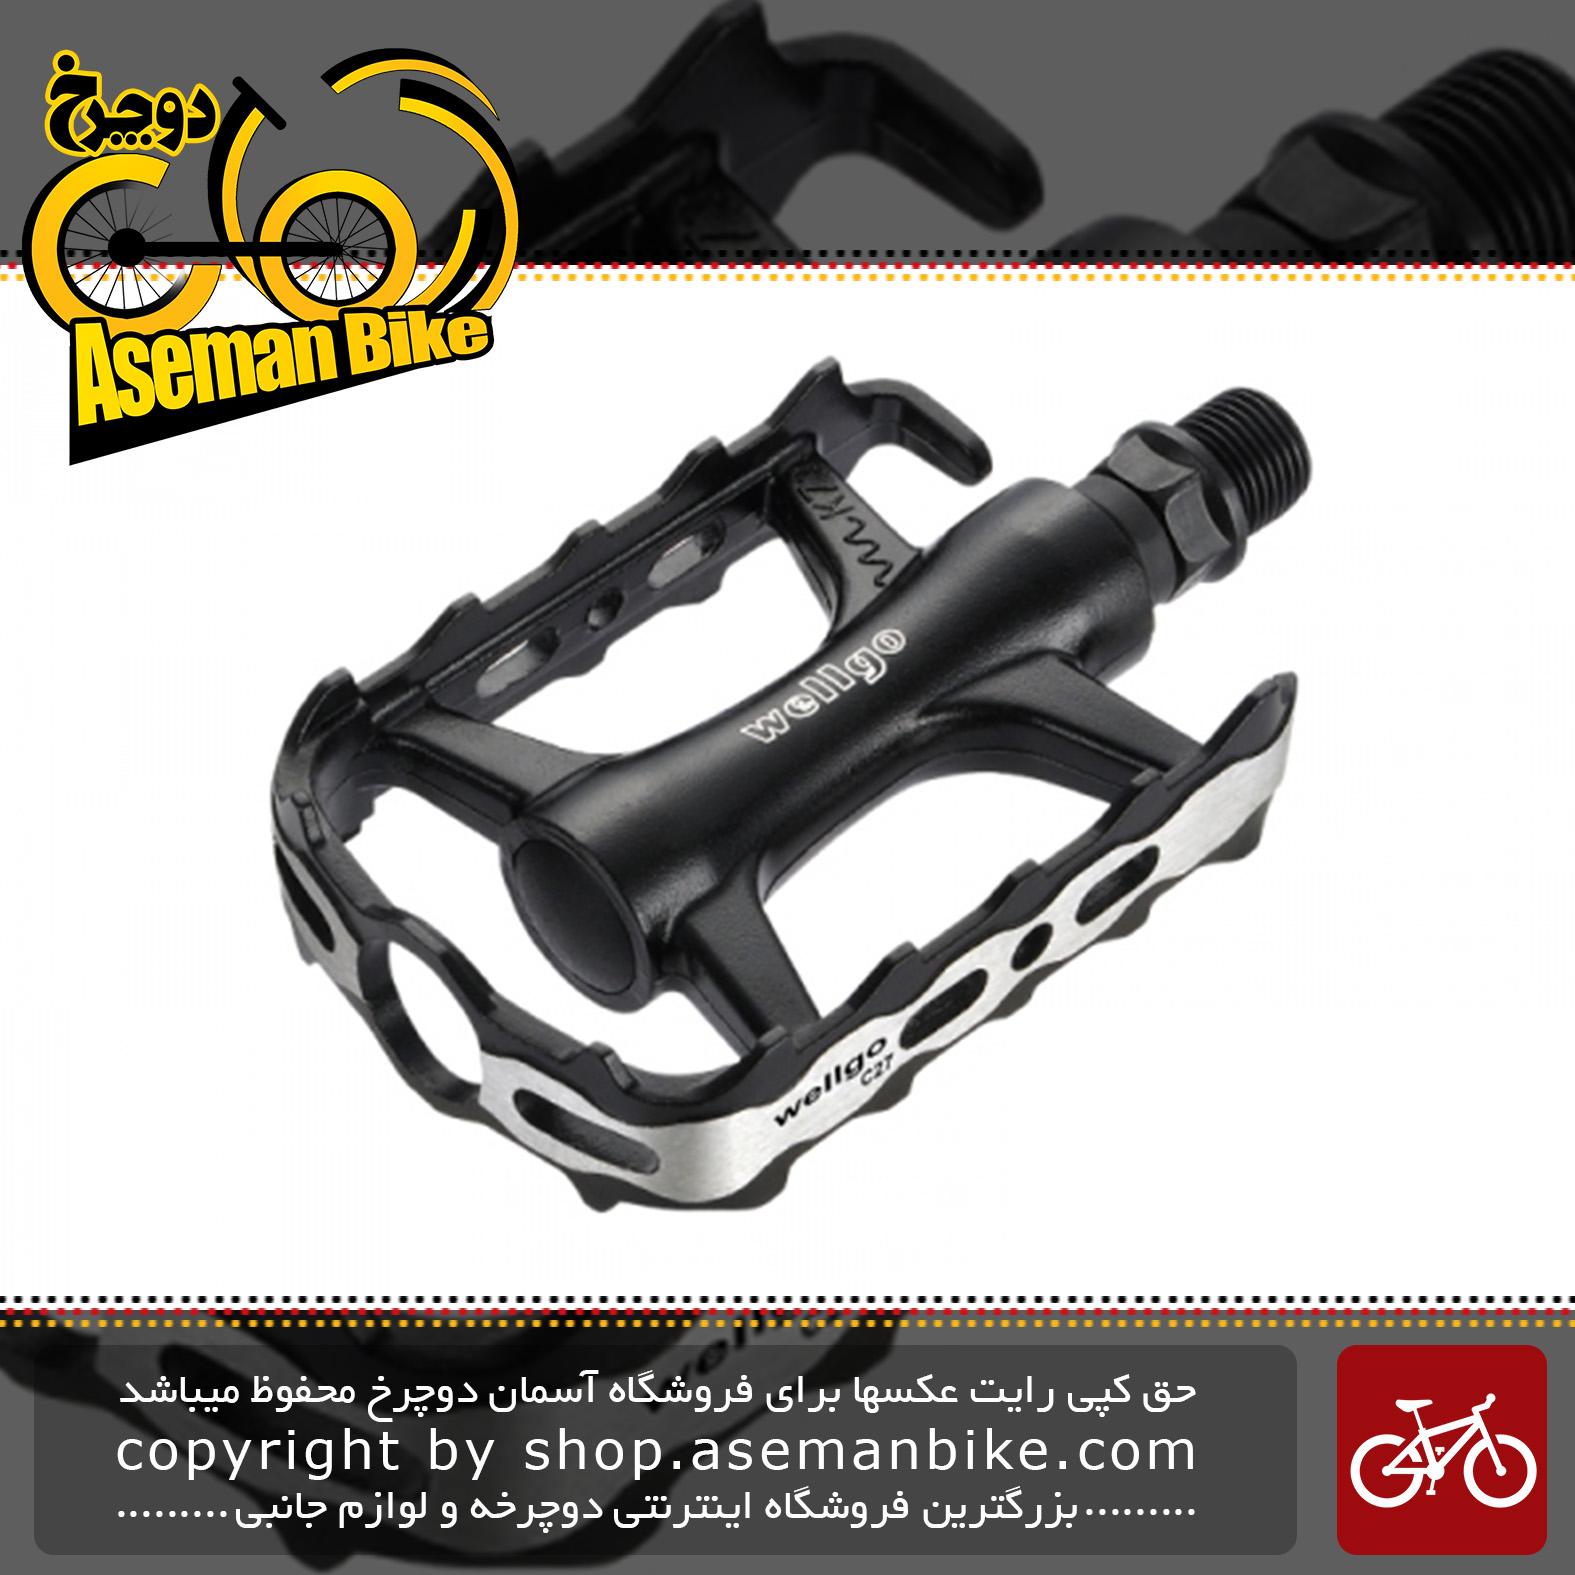 پدال دوچرخه ولگو مدل آلومینیوم میخ دار Wellgo Lu-c27 MTB Alloy Pedal